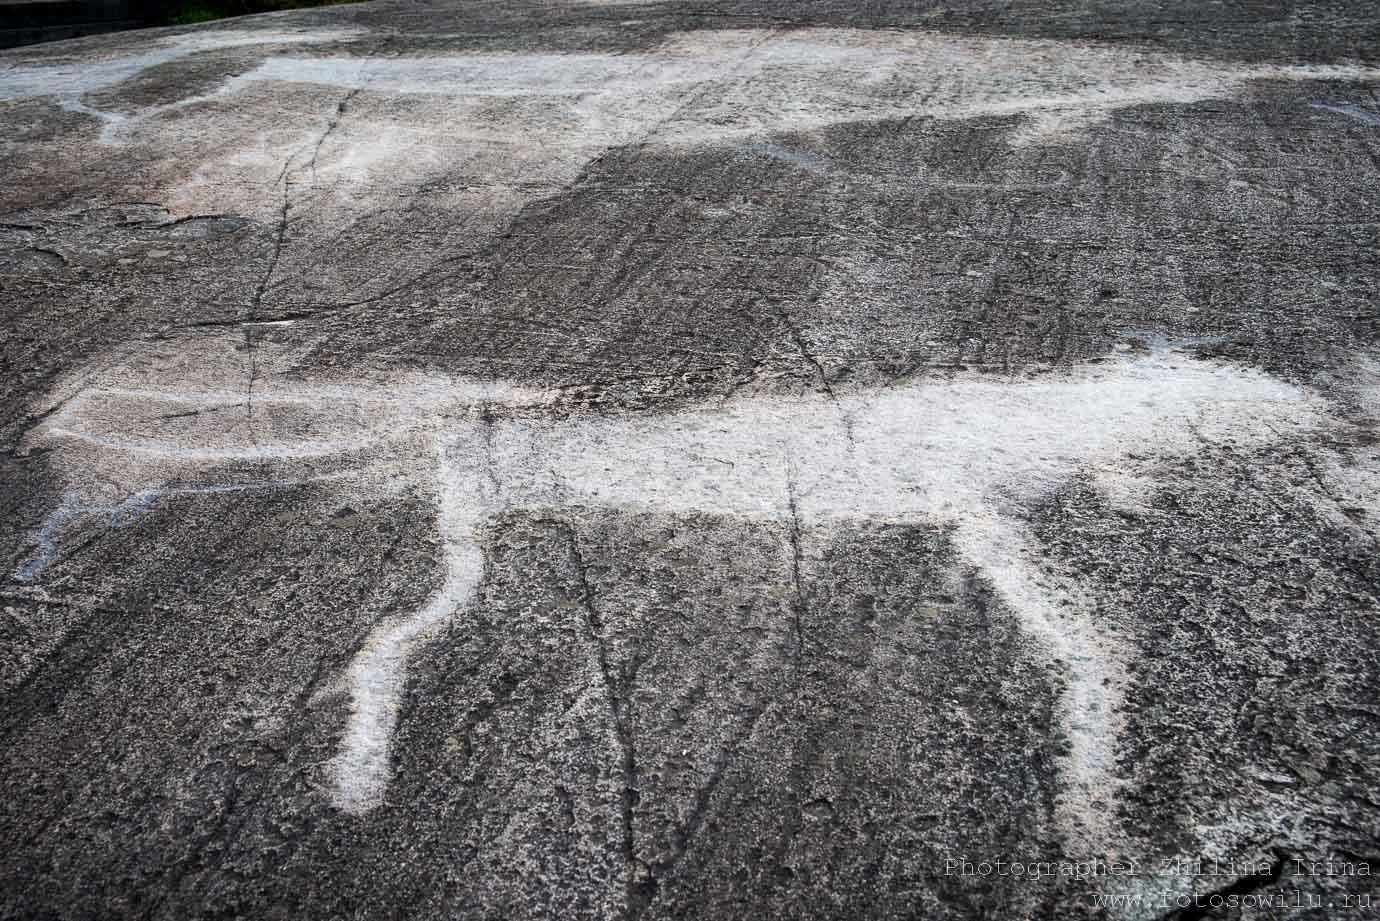 Беломорские петроглифы, охота на оленя, туры по России, что смотреть в России, своим ходом по России, на машине по России, куда поехать на машине